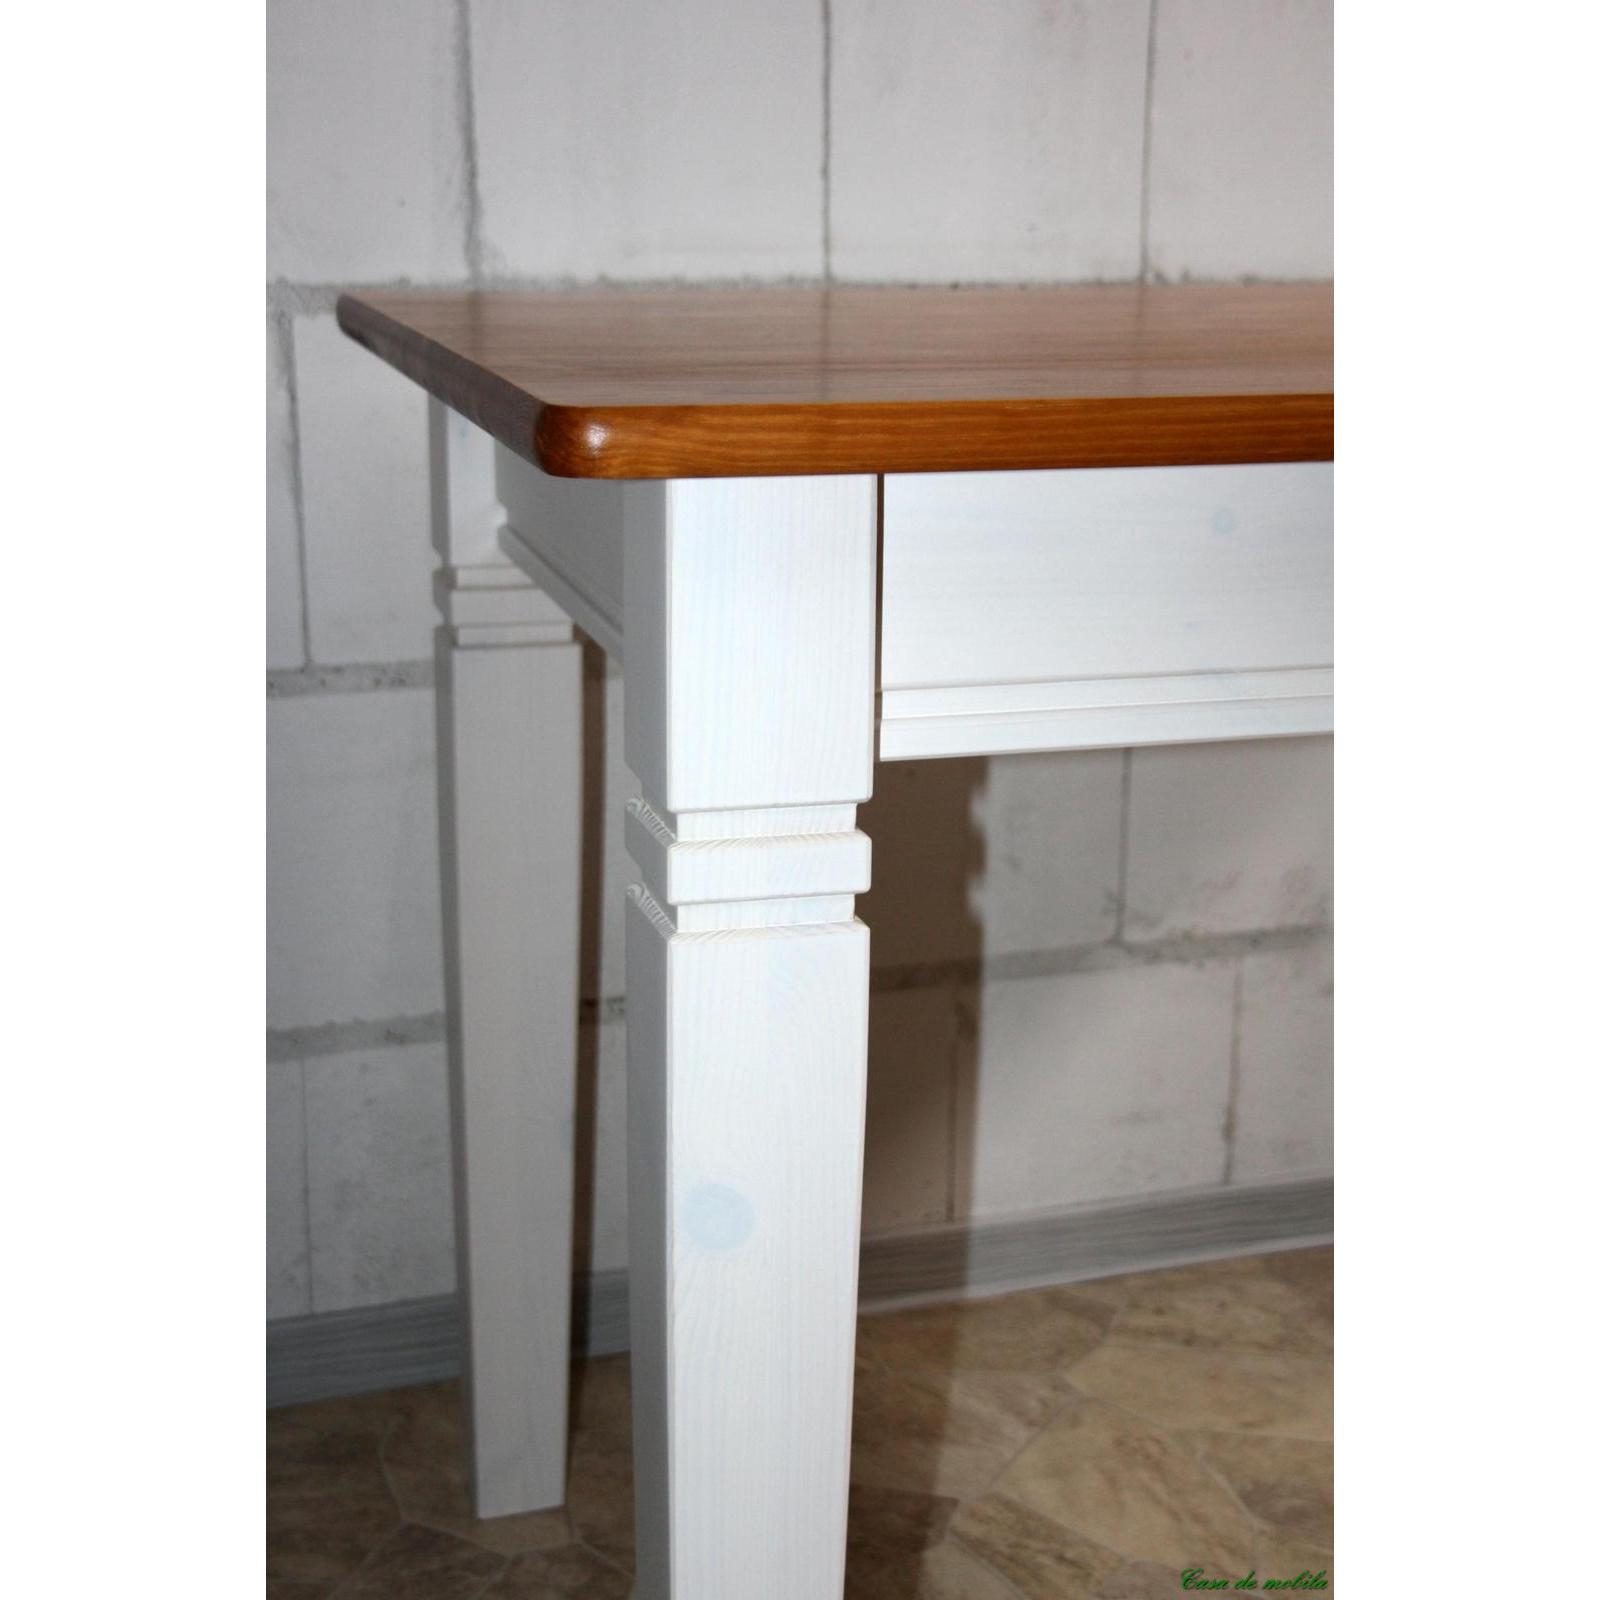 Esstisch Holz Weis Lackiert ~ Esstisch Tisch weiß bernsteinfarben 120×78 Fjord  Holz Kiefer massiv